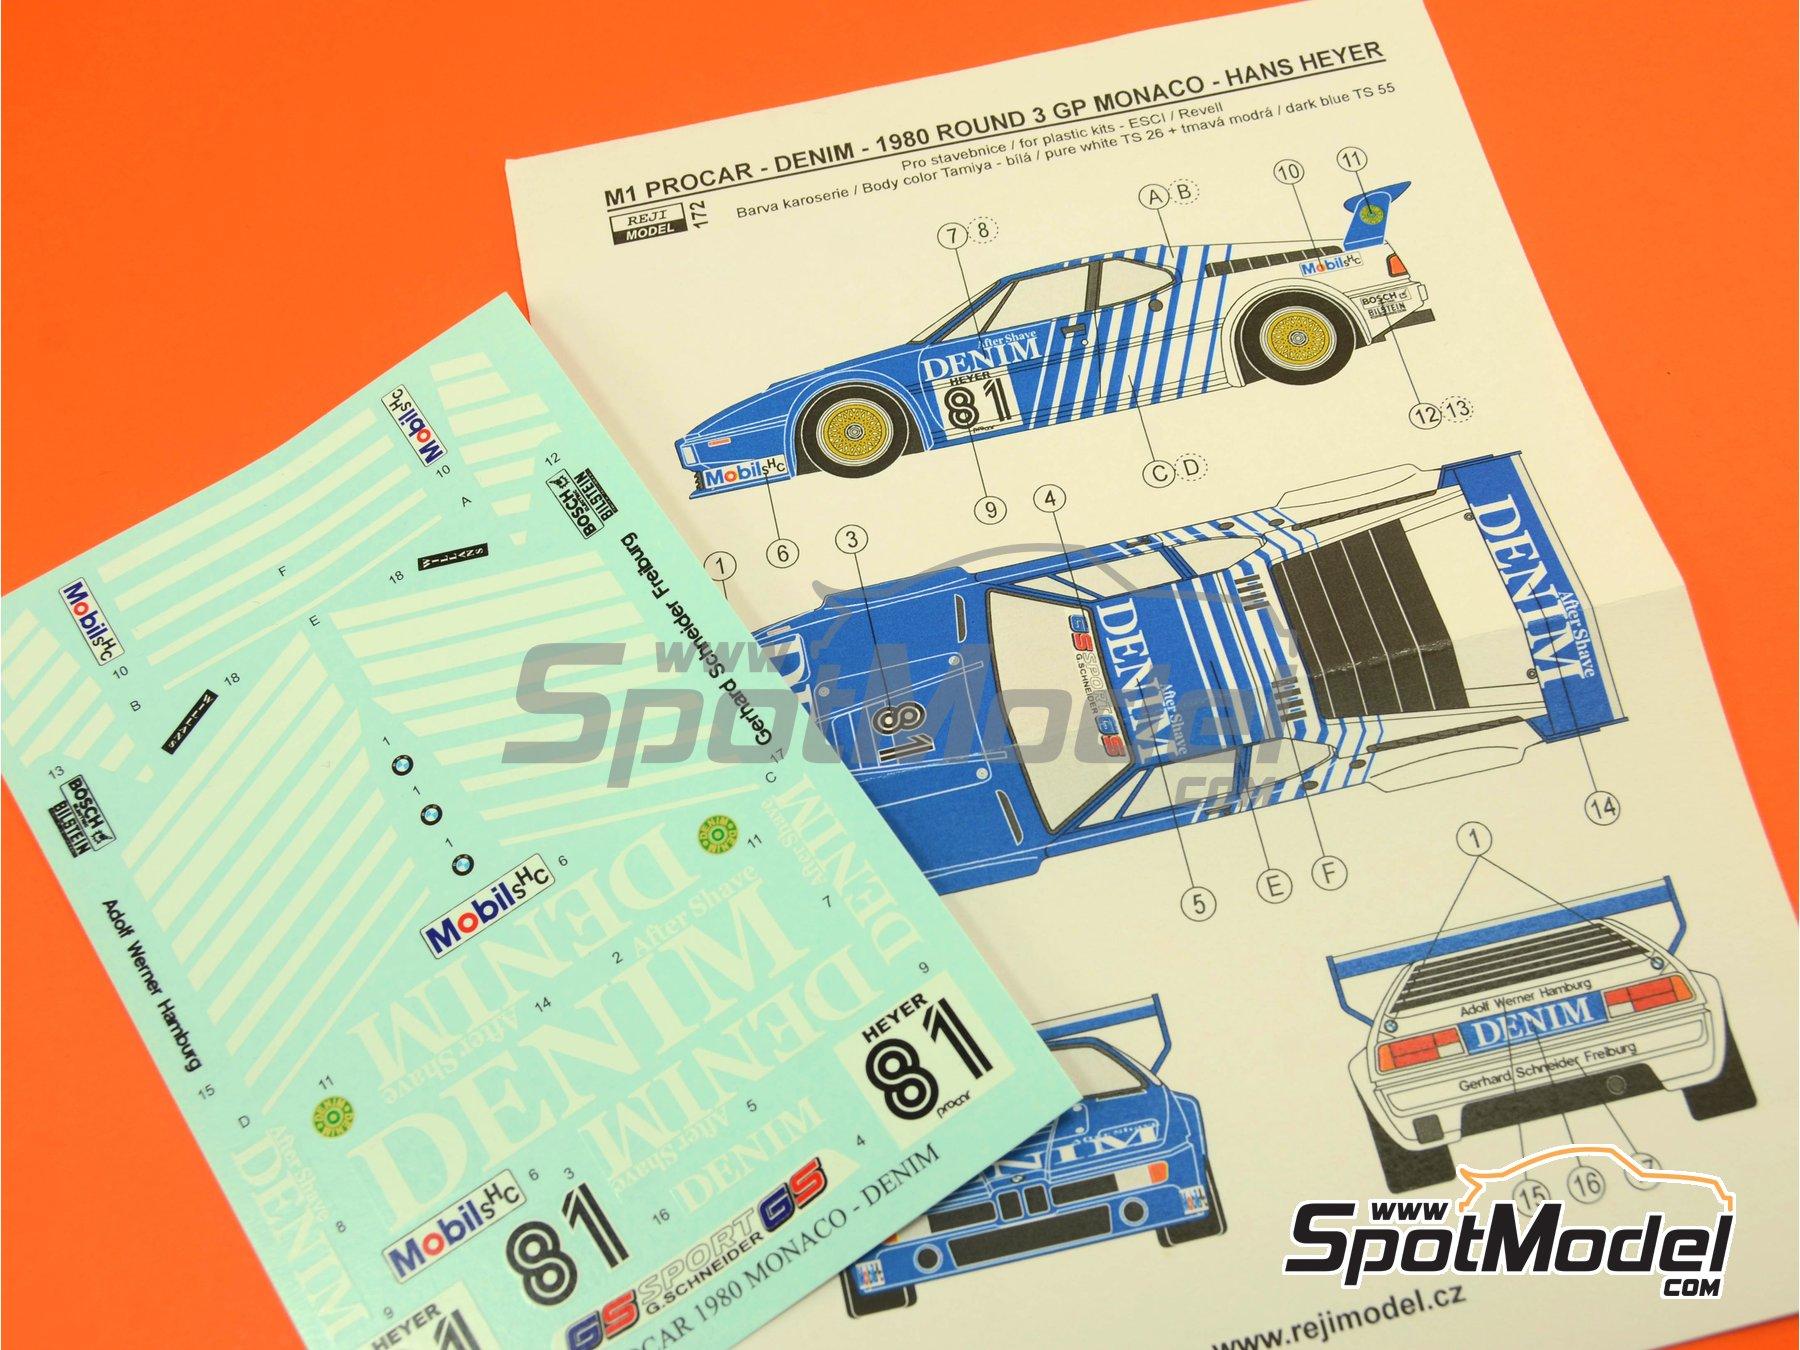 Image 10: BMW M1 Group A Denim Procar - Monaco Formula 1 Grand Prix 1980 | Marking / livery in 1/24 scale manufactured by Reji Model (ref.REJI-172)